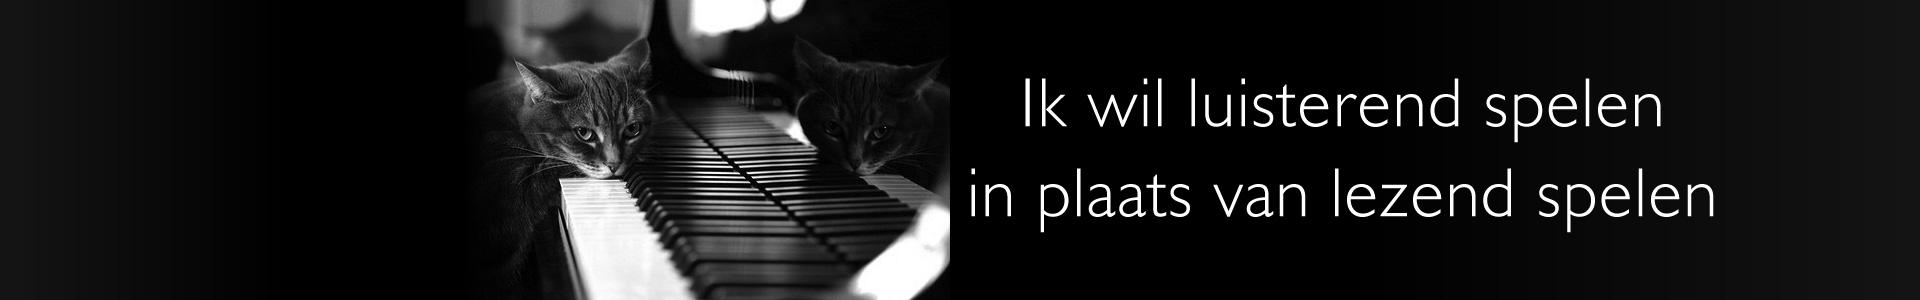 Piano improvisatie, luisterend leren spelen in plaats van lezend spelen